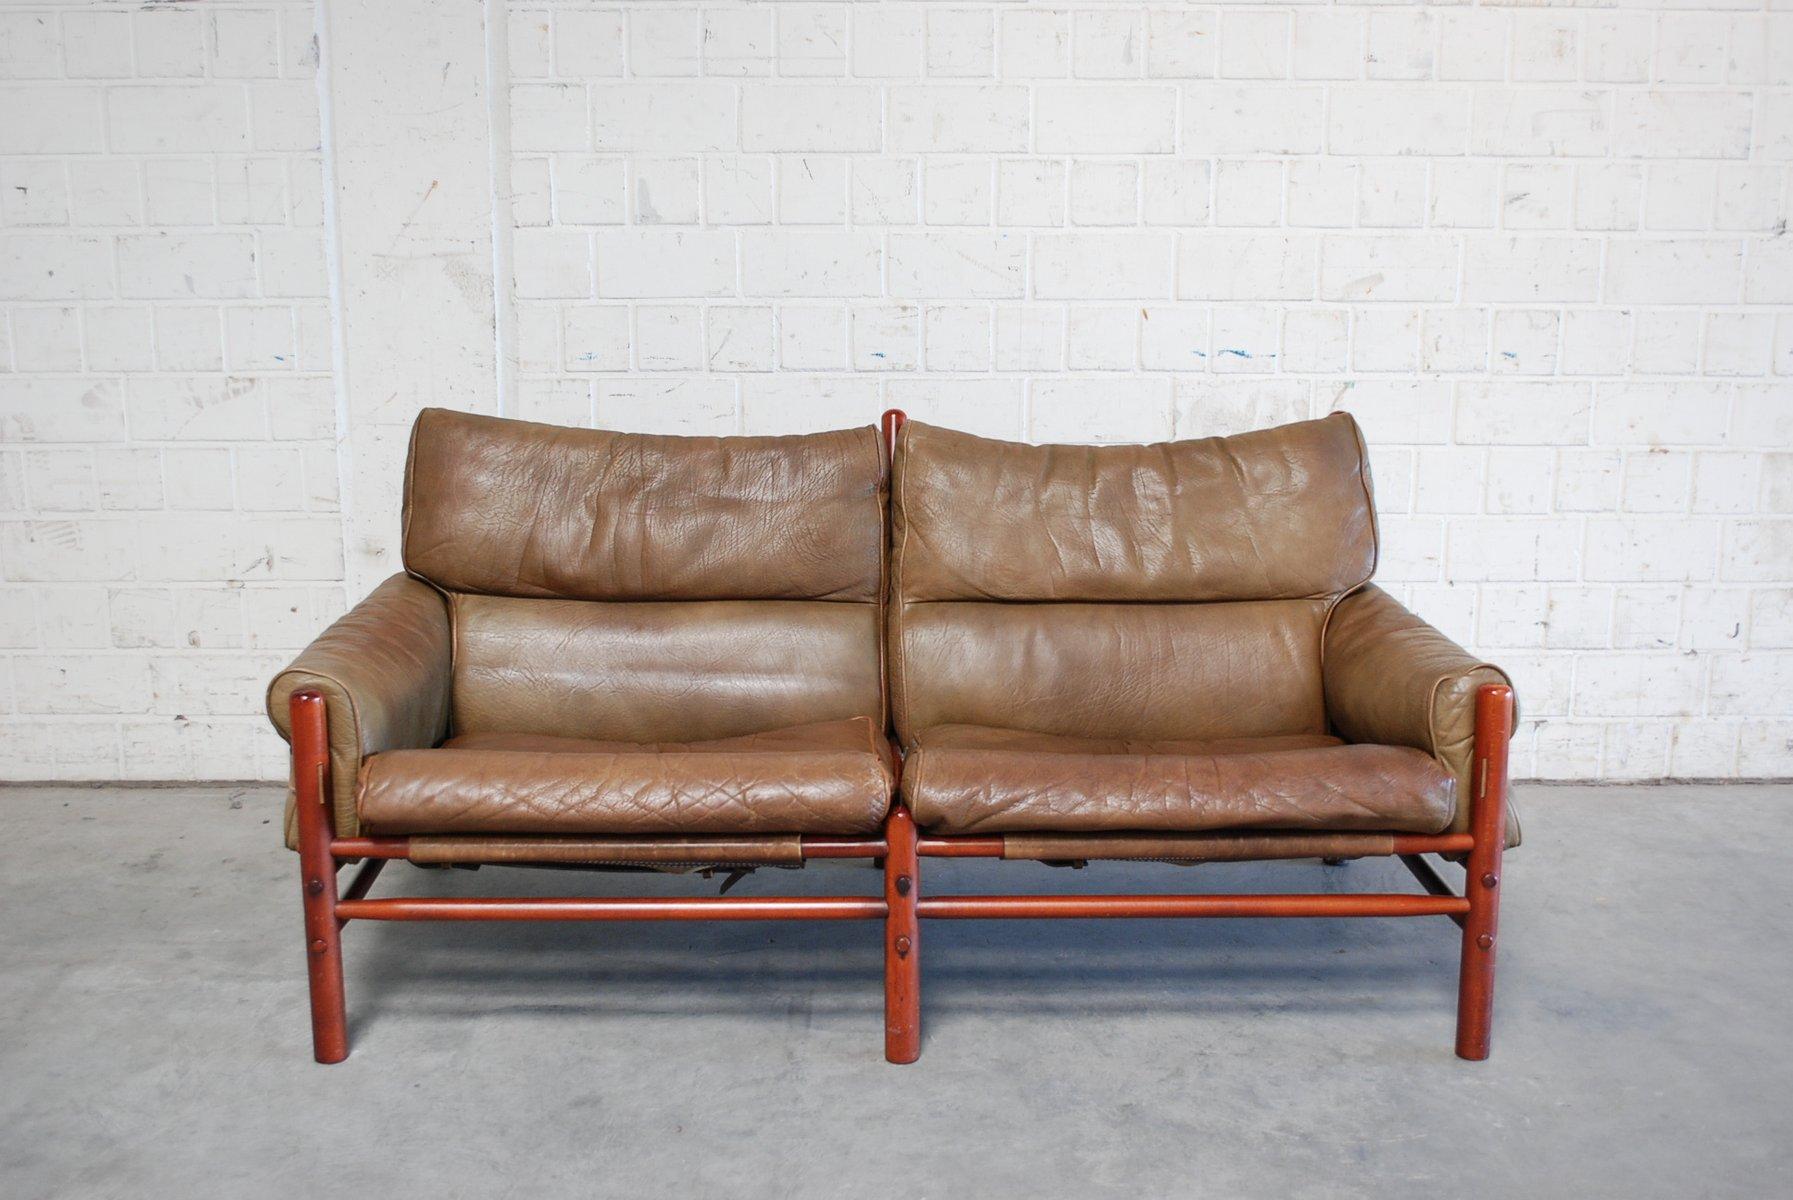 vintage kontiki 2 sitzer ledersofa von arne norell bei pamono kaufen. Black Bedroom Furniture Sets. Home Design Ideas